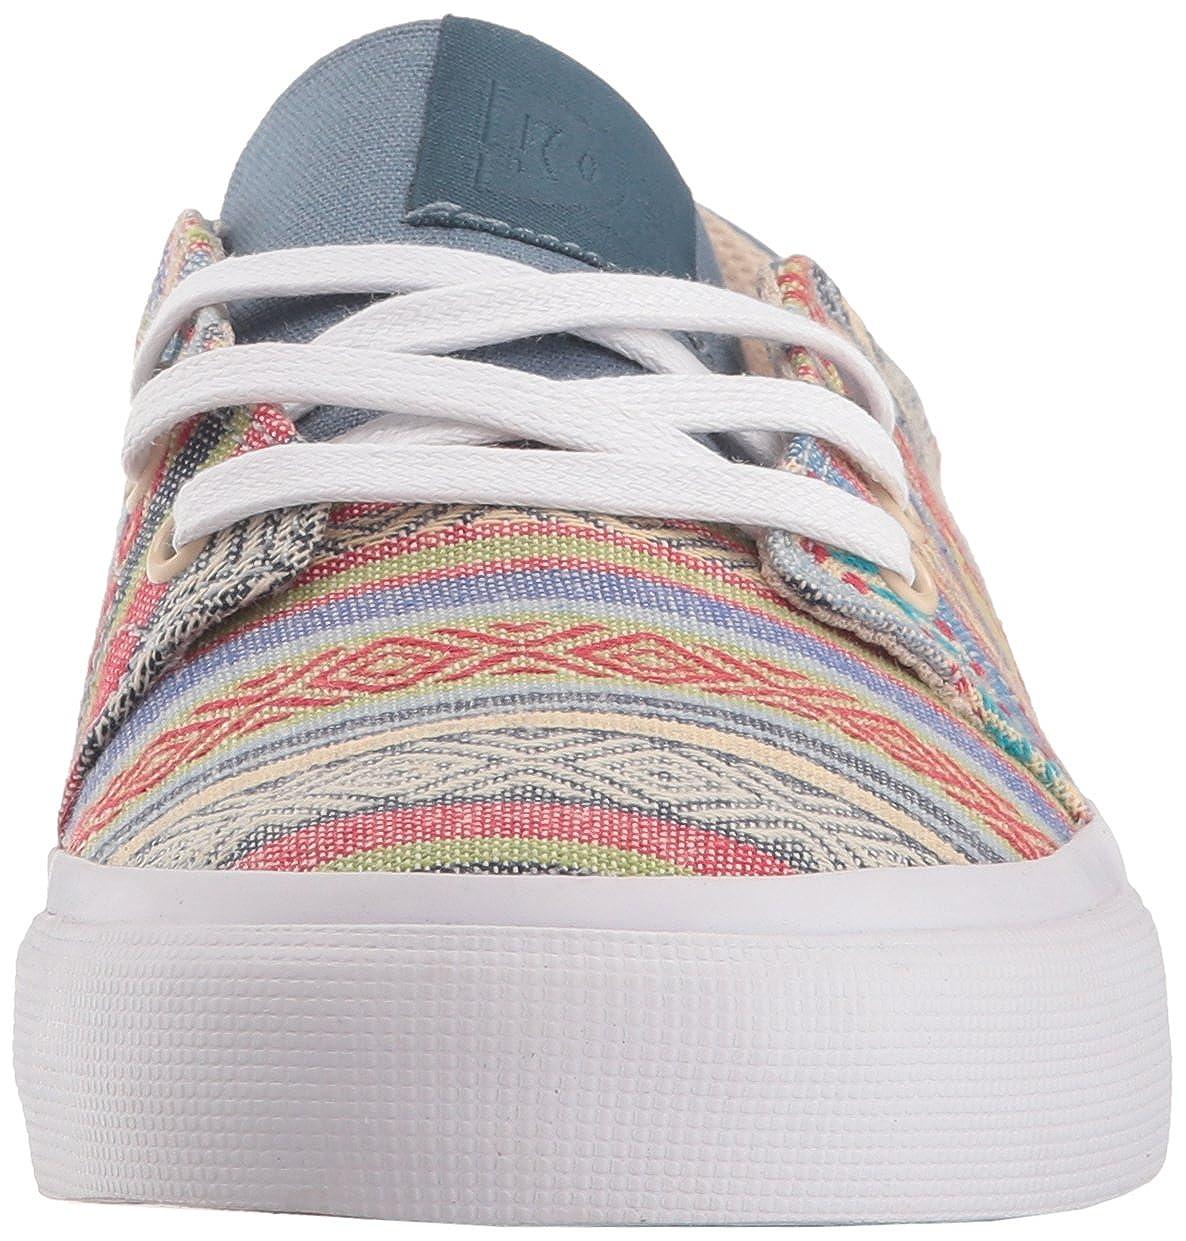 DC TRASE TX 1 SE J KCO Damen Sneakers Multi 1 TX aa0603